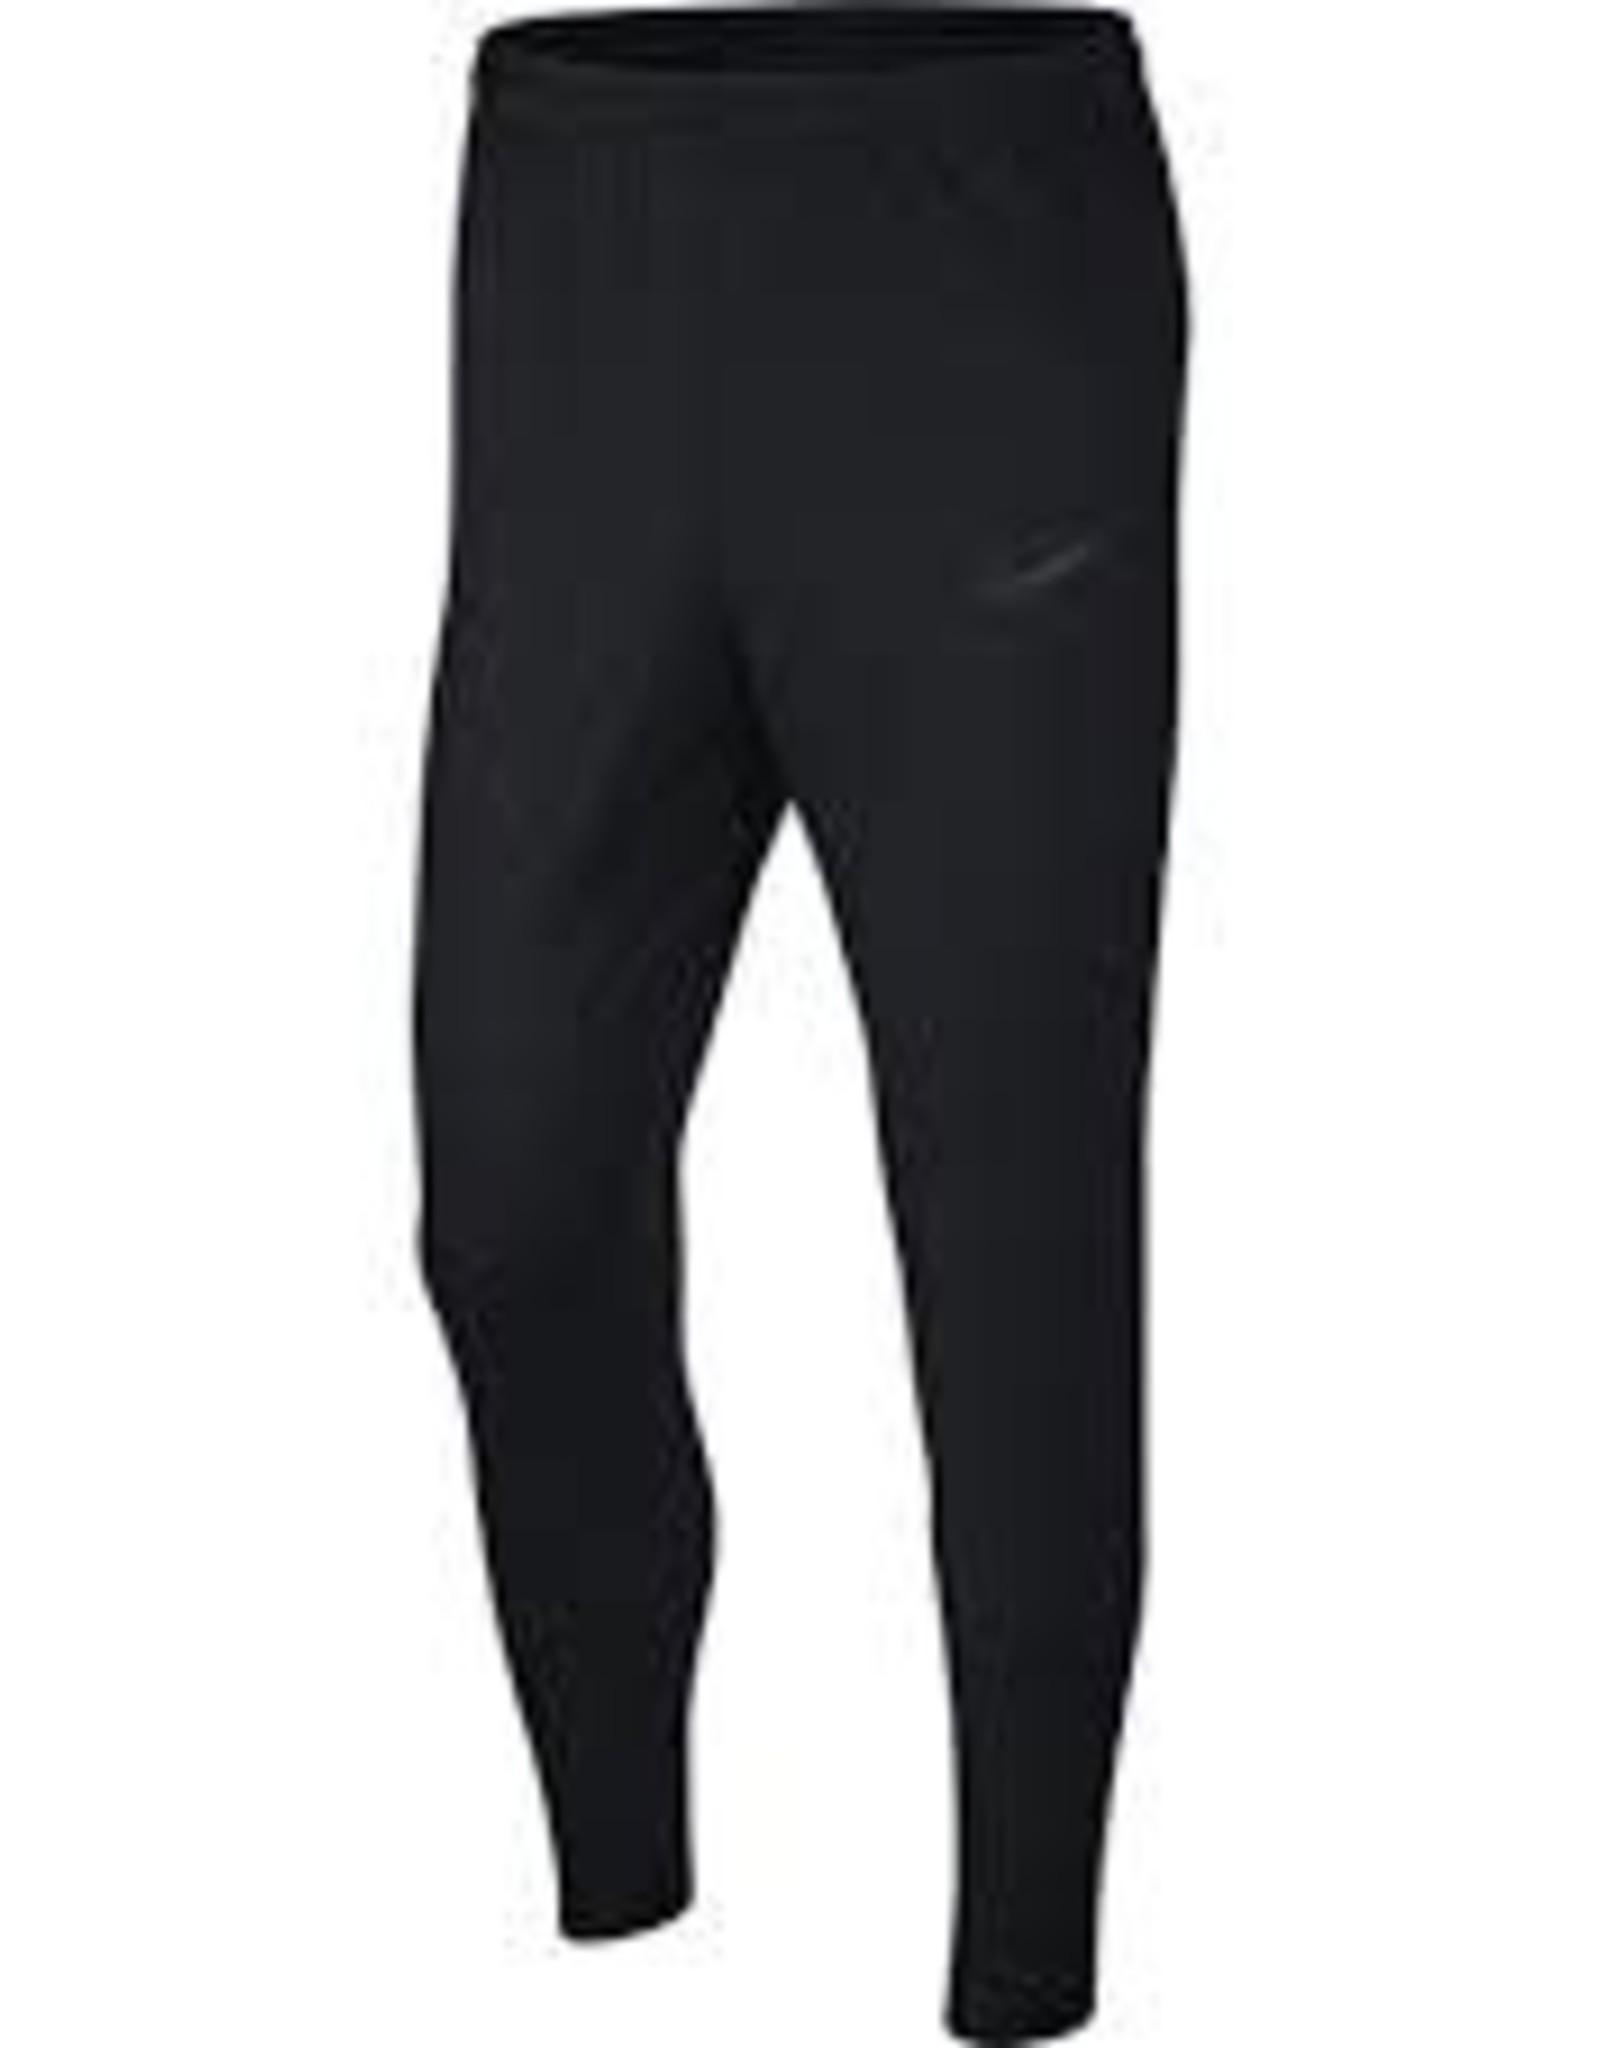 Nike Nike broek sr ah8450